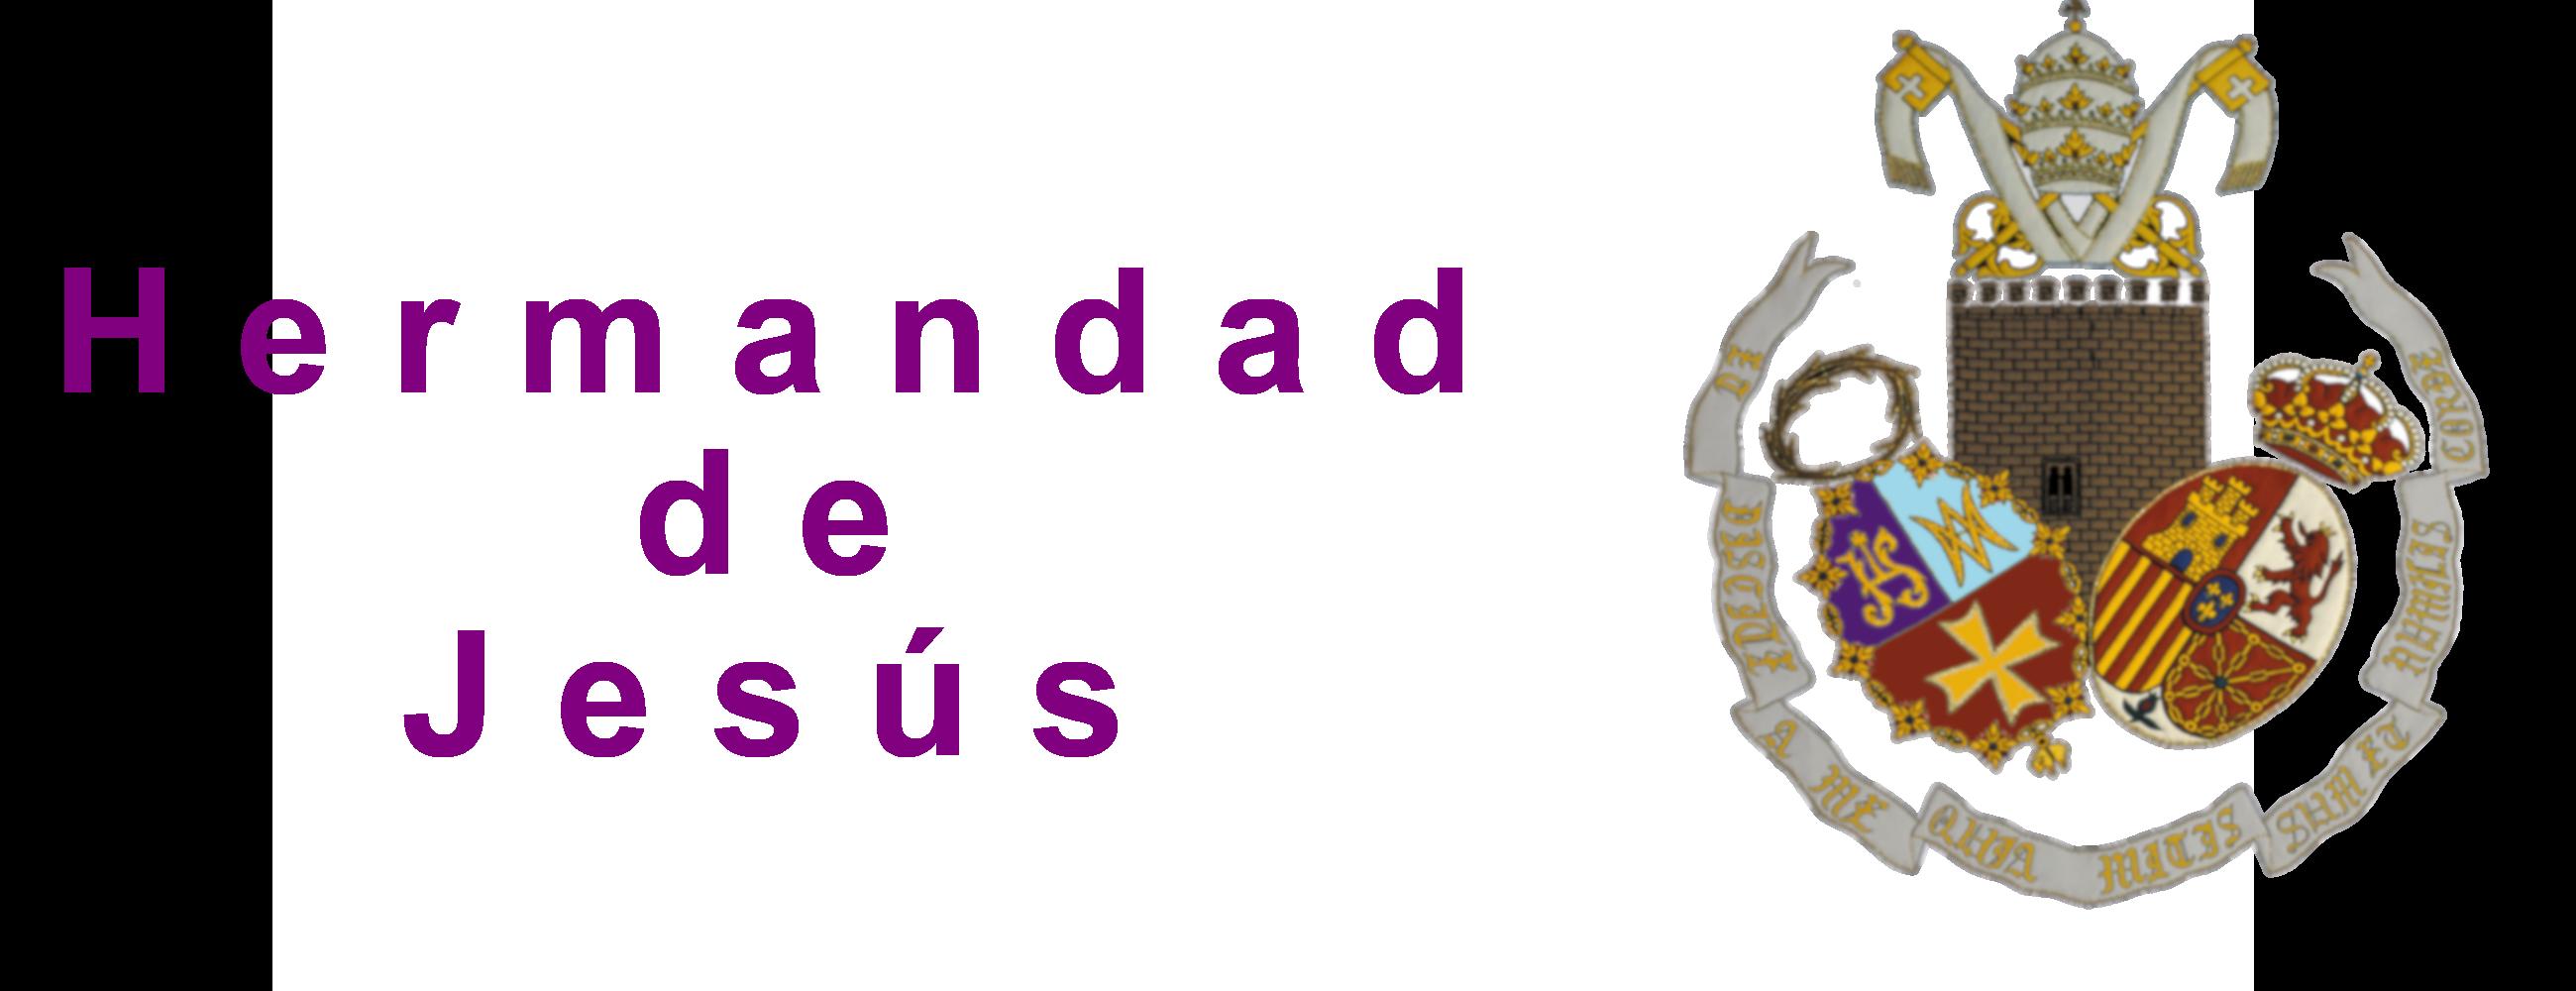 escudo hermandad de jesus la algaba